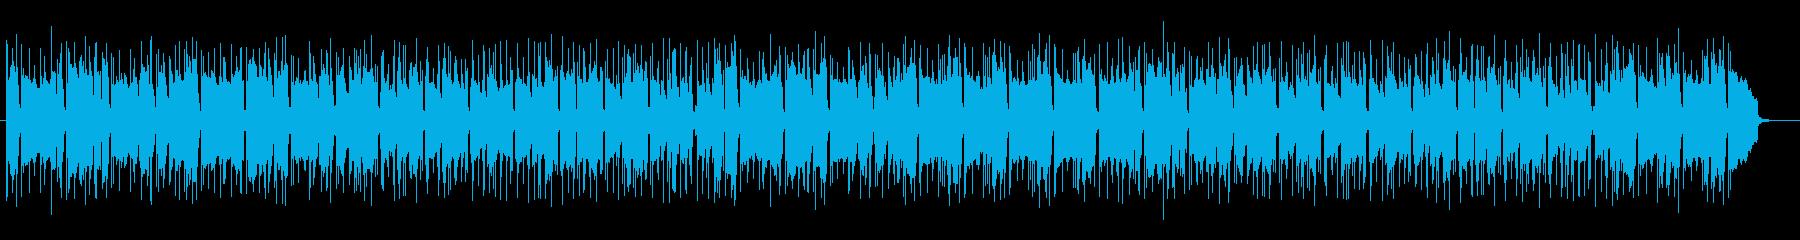 軽快かつ大人な落ち着きを感じる曲の再生済みの波形